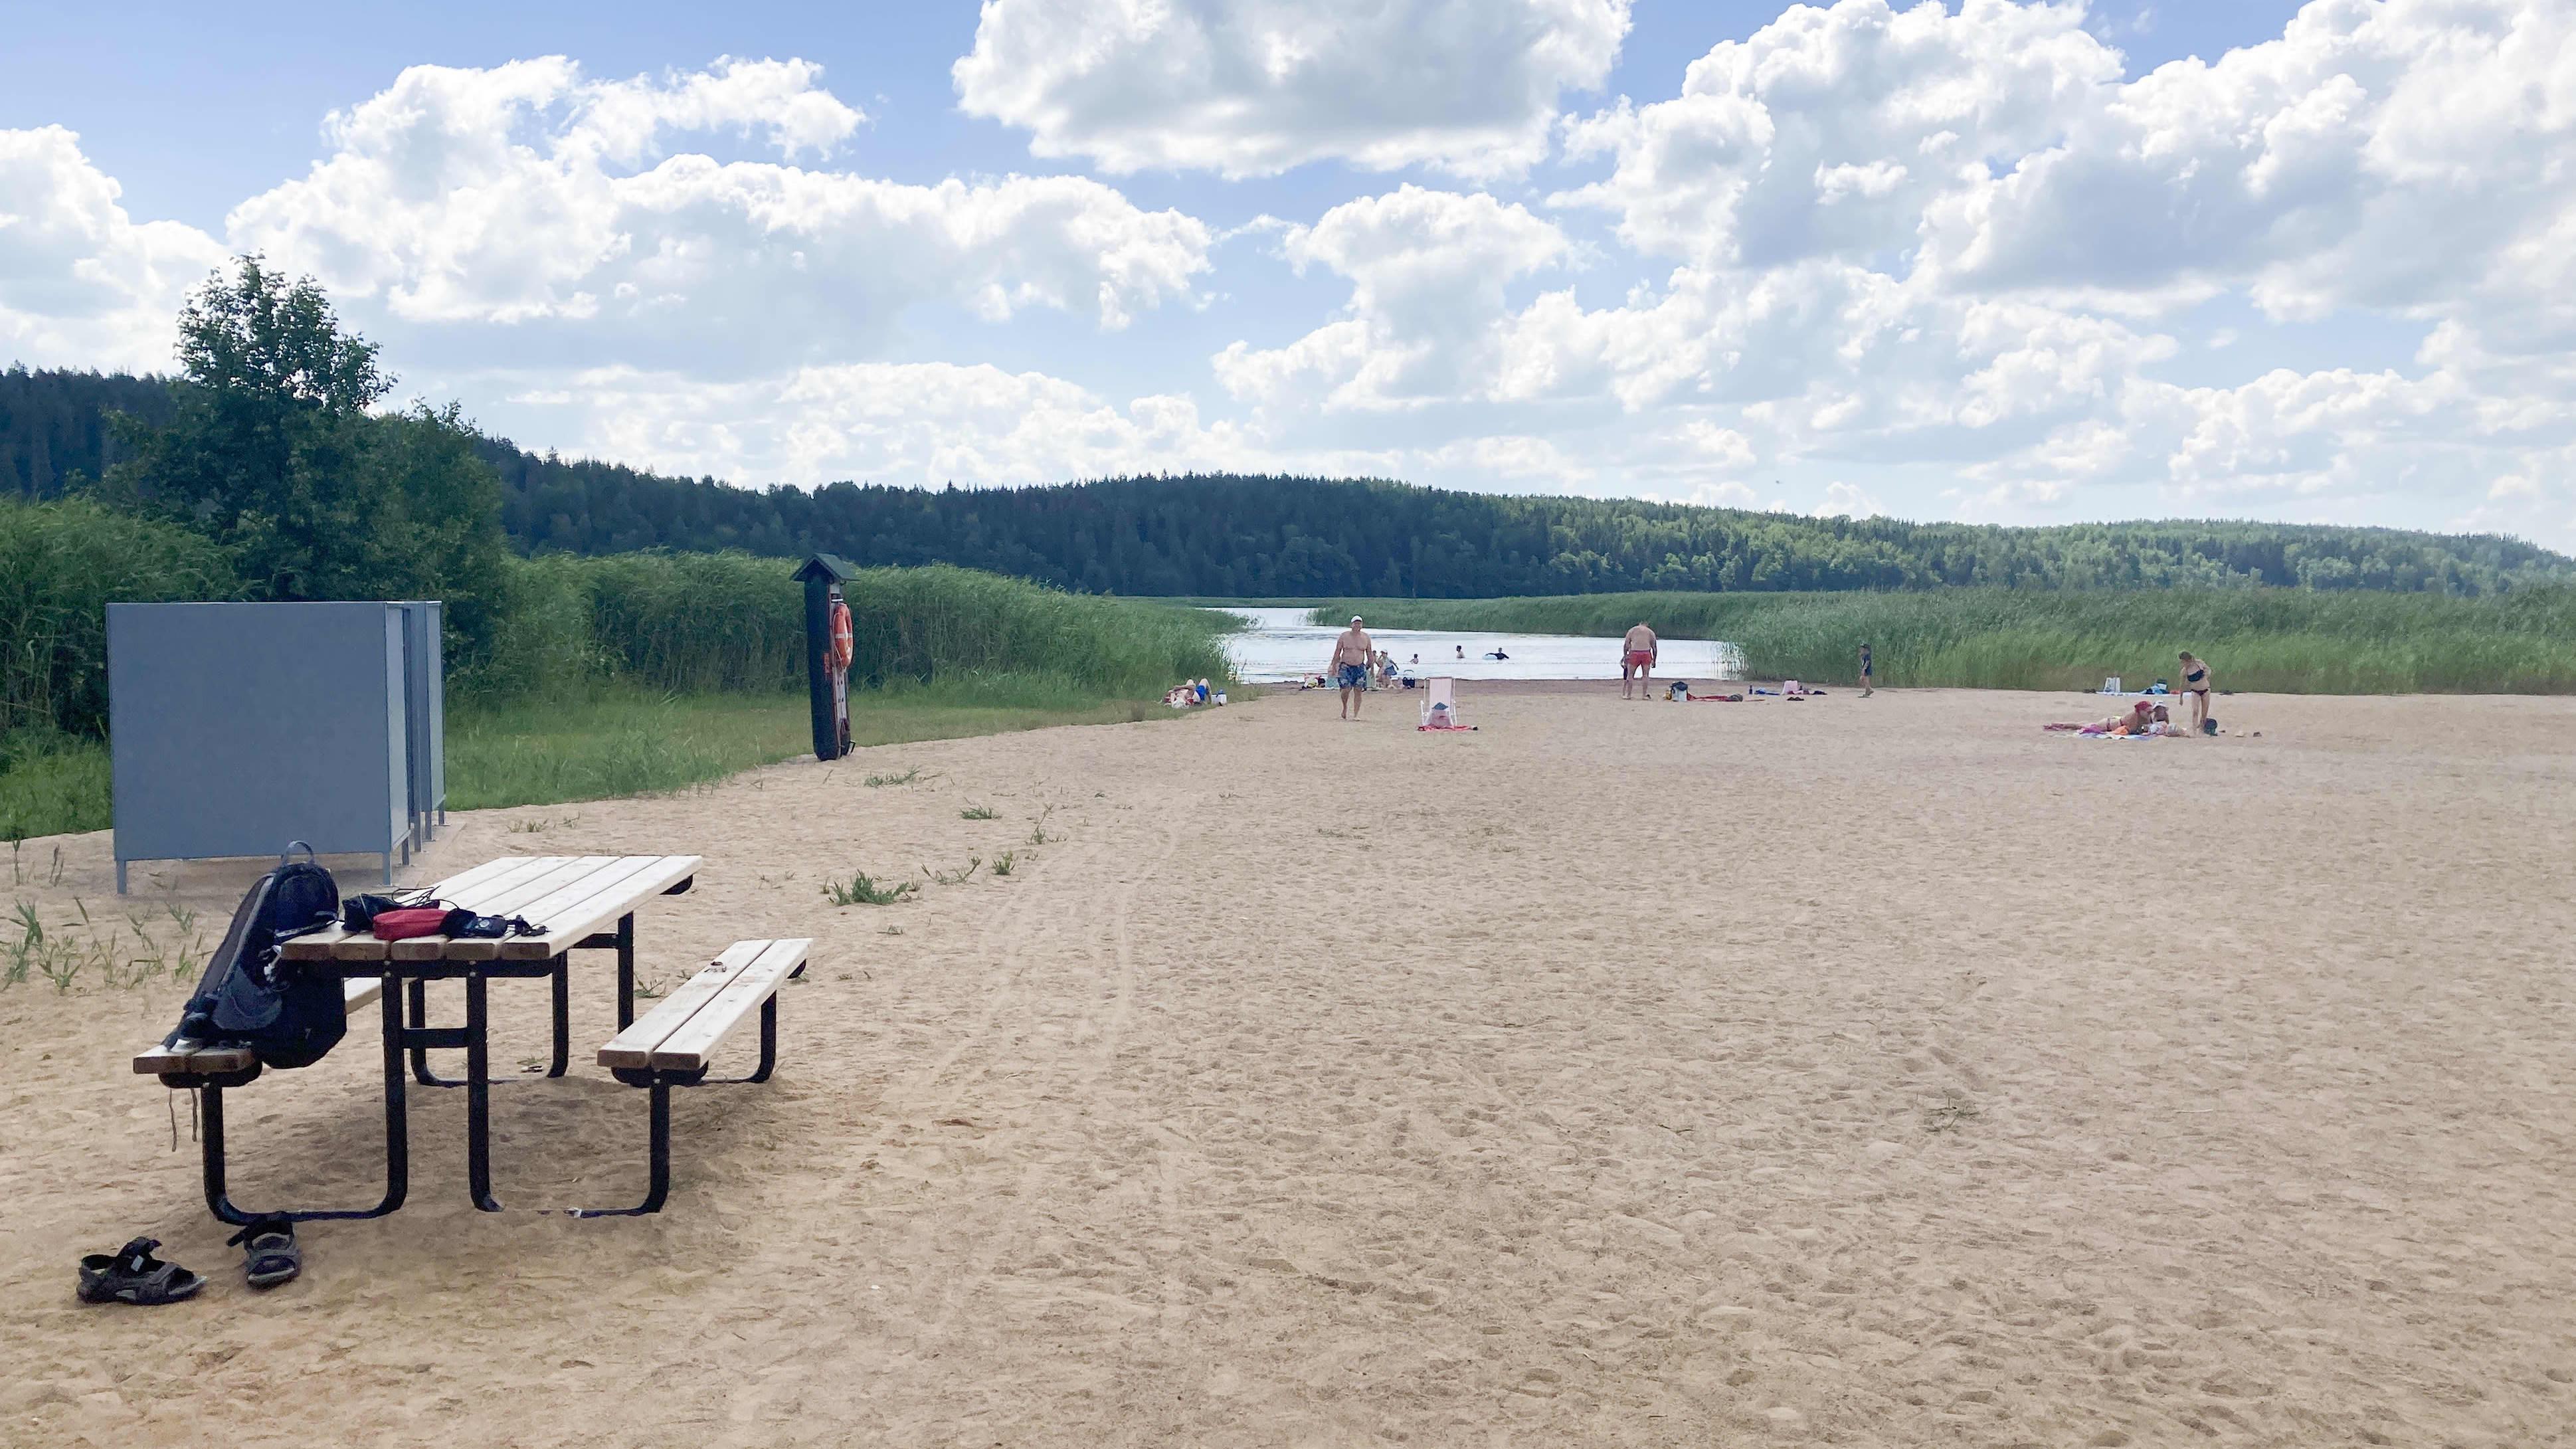 Yleiskuva Raadelman uimarannalta, ihmisiä kaukana veden rajassa.